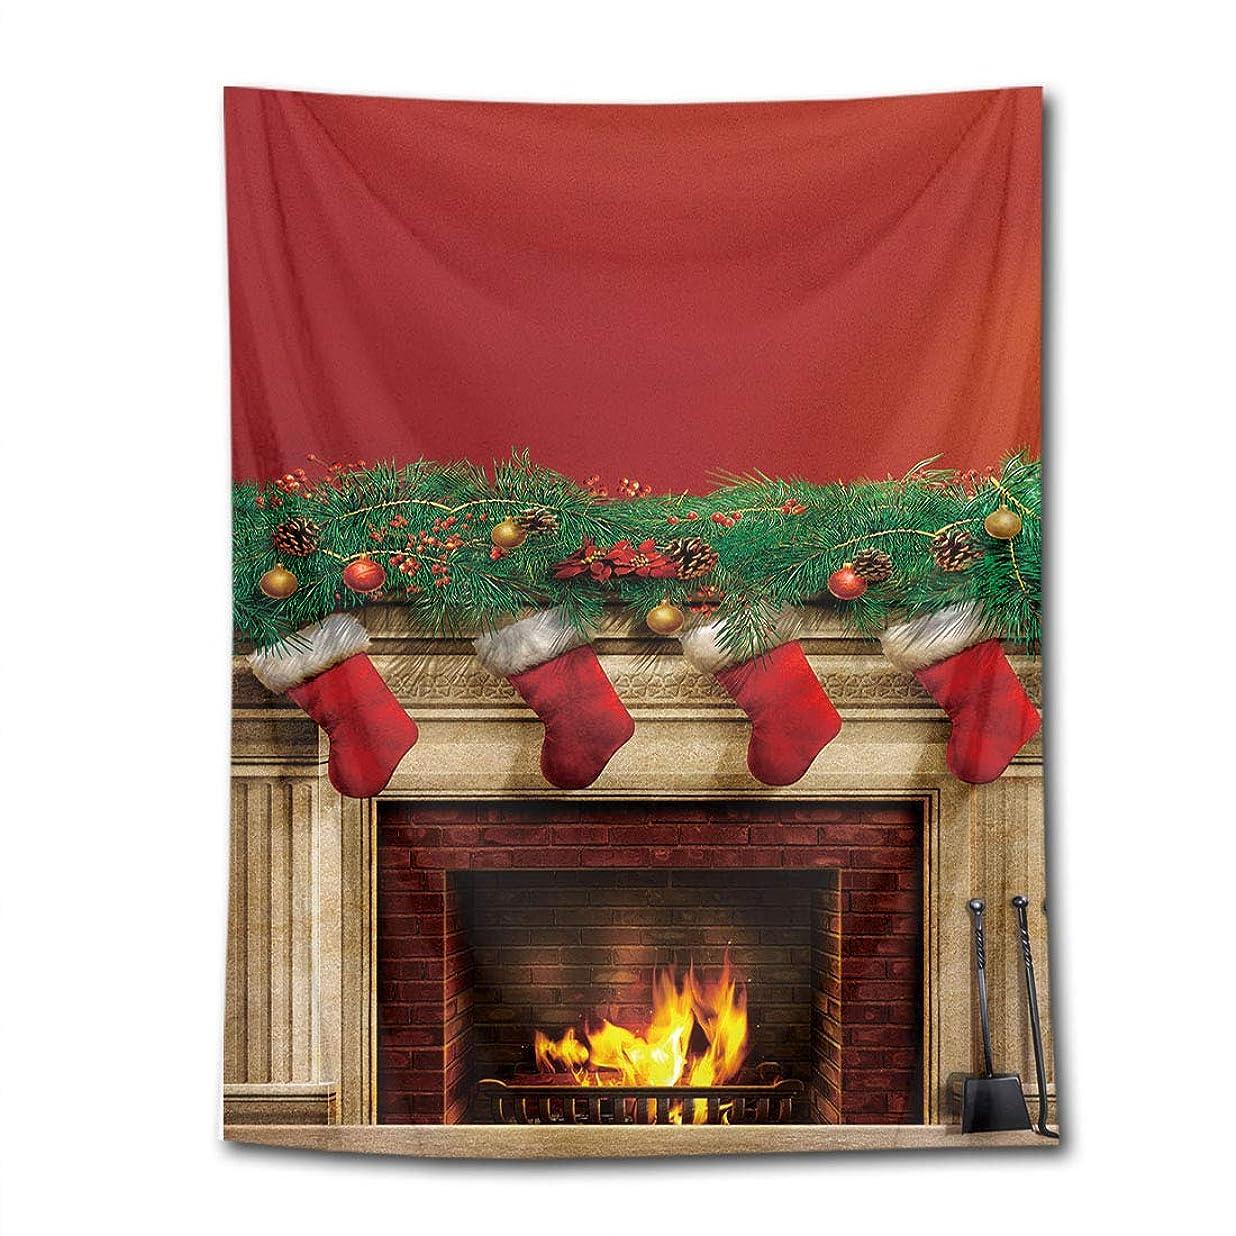 海従順メカニックLB クリスマス飾り物 タペストリー 赤い暖炉 おしゃれ壁掛け 装飾布 欧米風 インテリア 多機能 リビング パーティー用 お店 個性ギフト 人気 お祝い 100x150cm